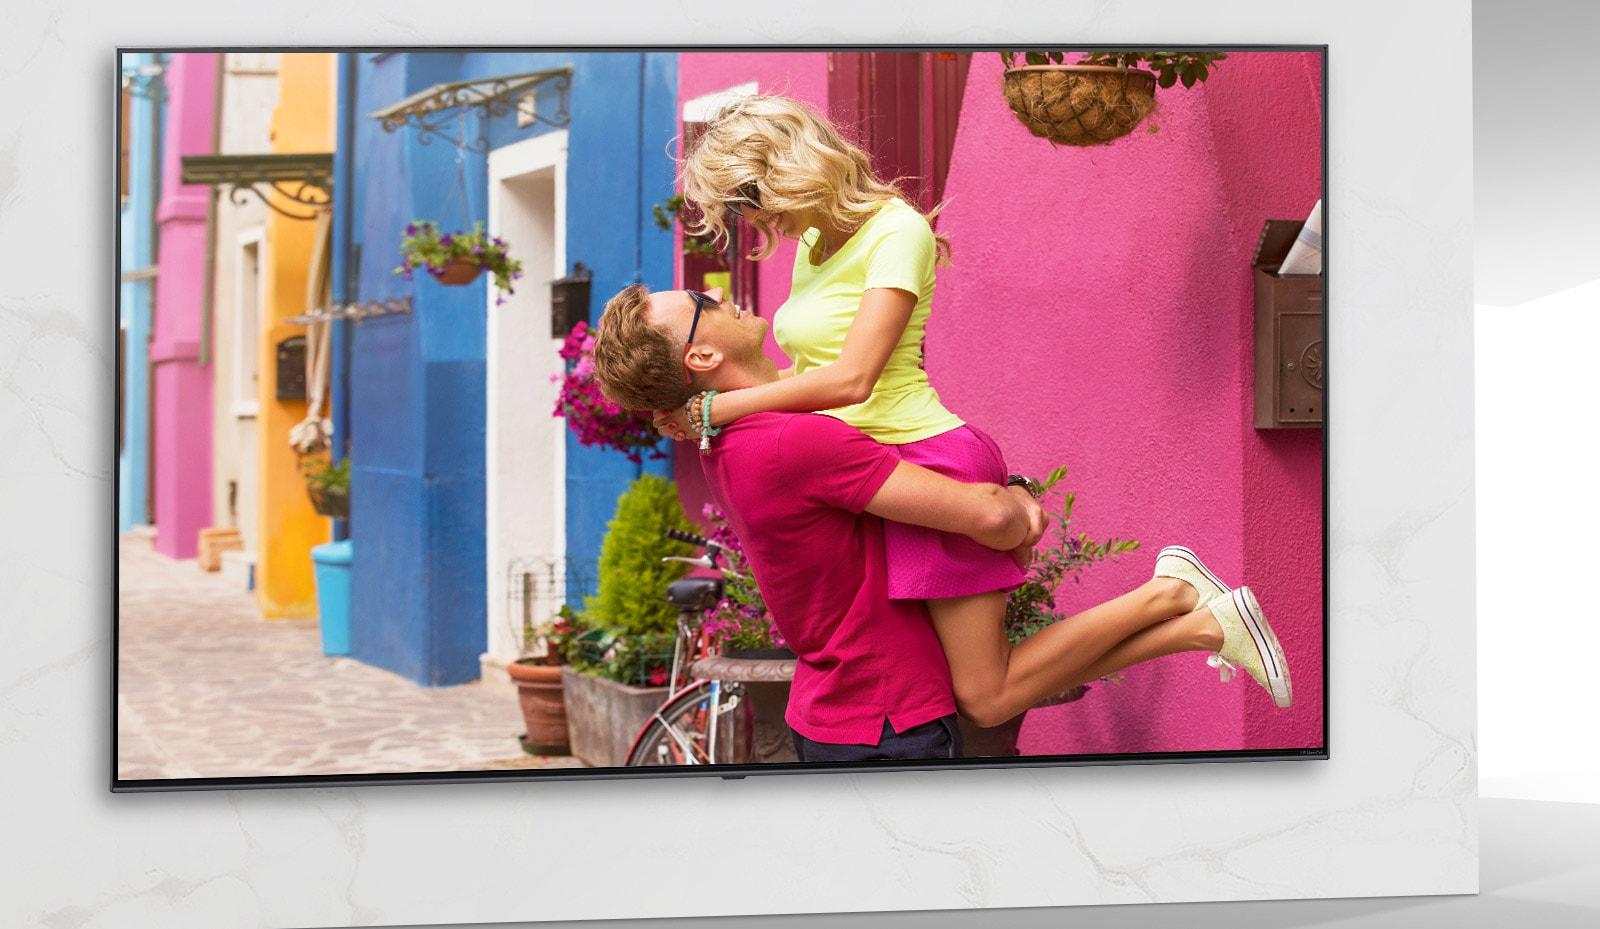 На телеэкране изображена сцена из яркого романтического фильма, где мужчина и женщина обнимаются.